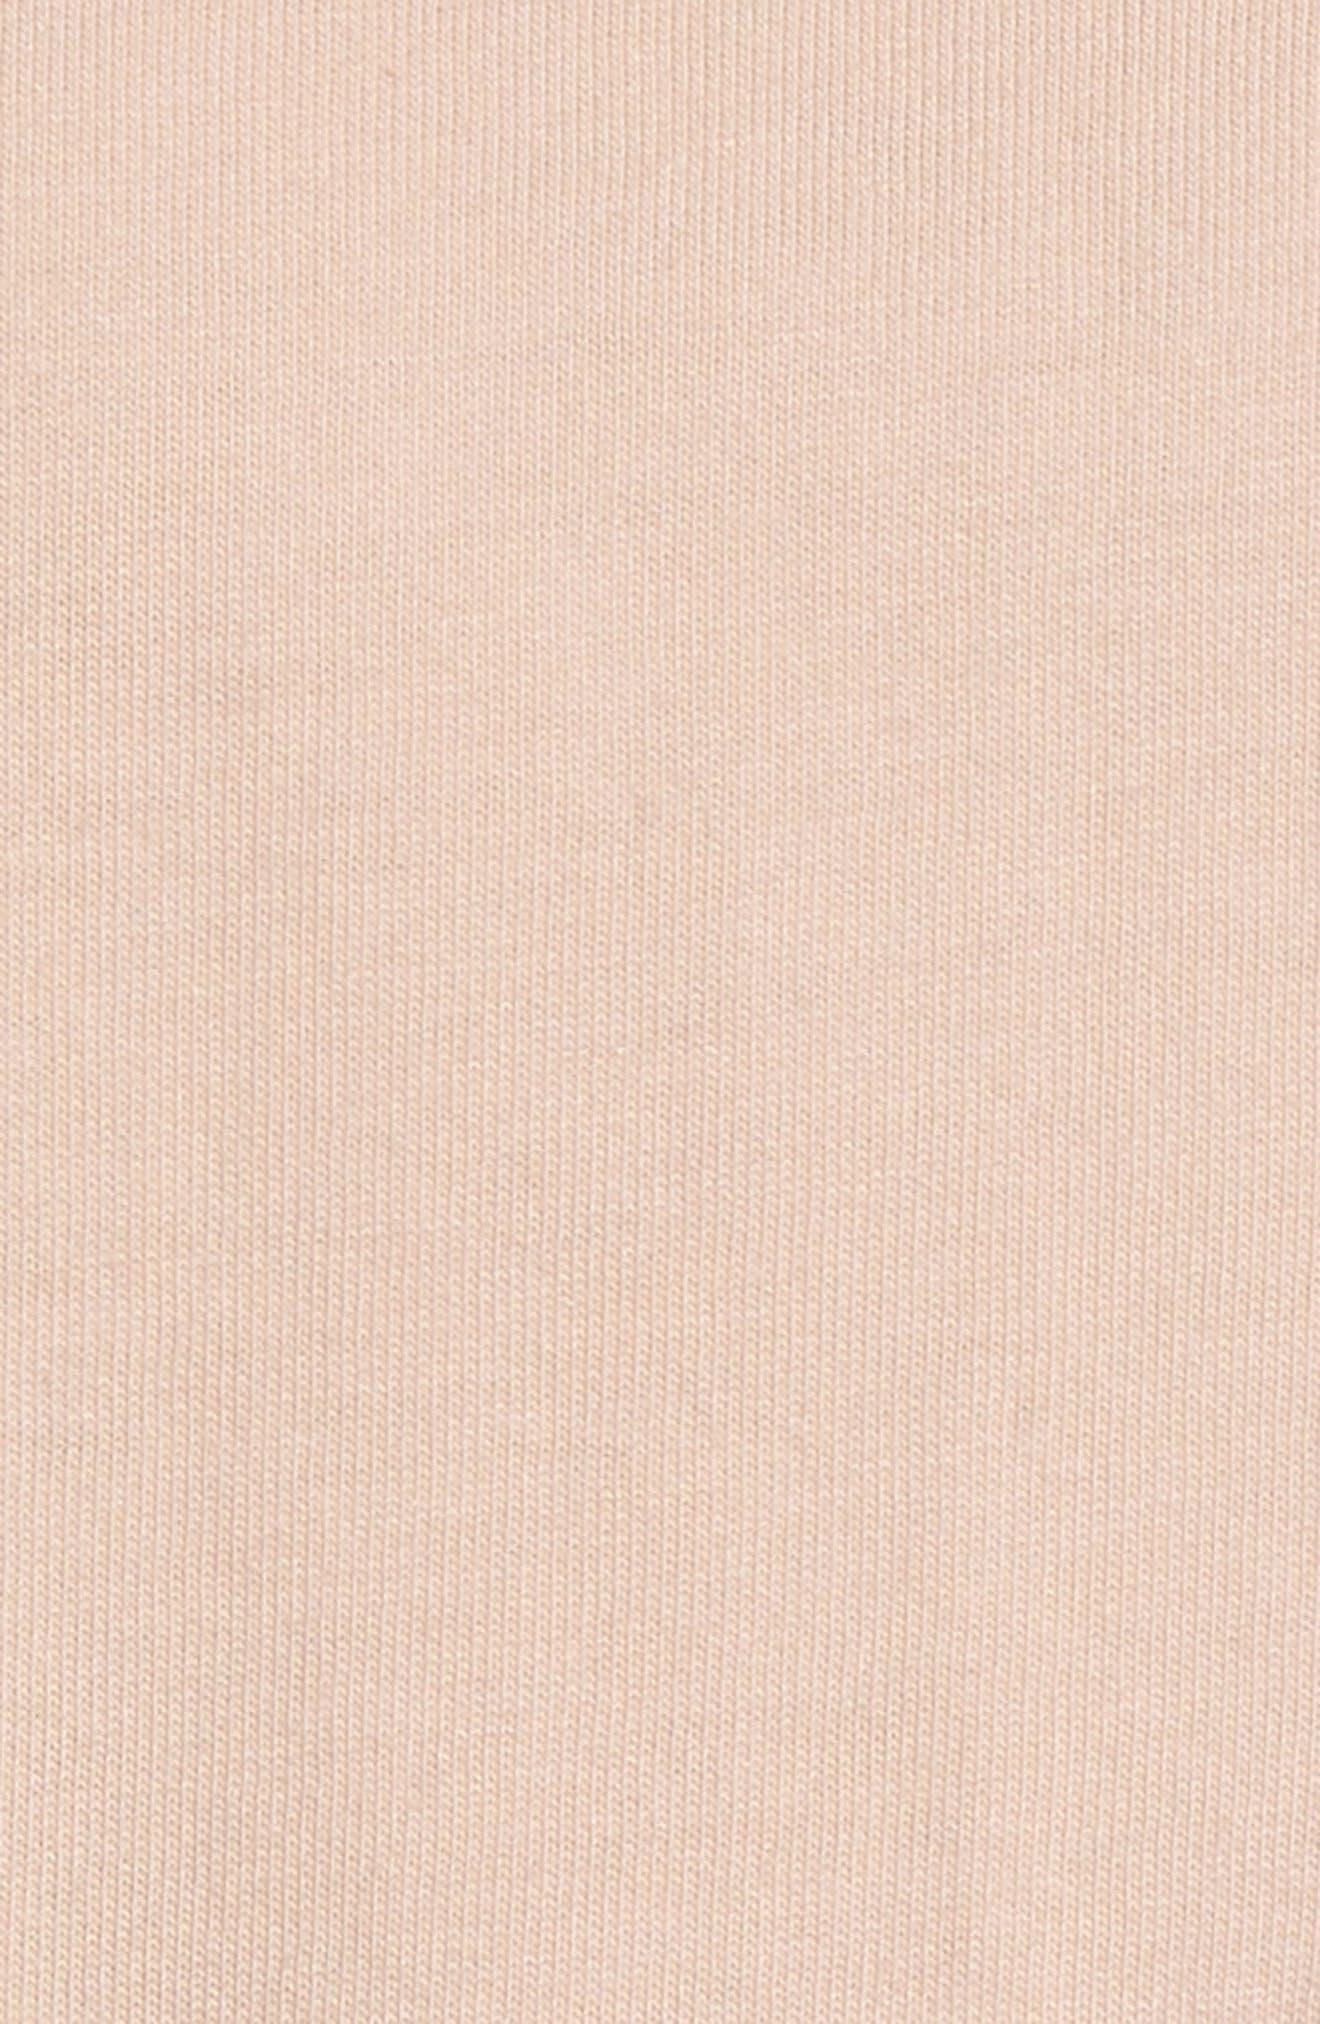 Ruffle Long Sleeve Tee,                             Alternate thumbnail 5, color,                             650